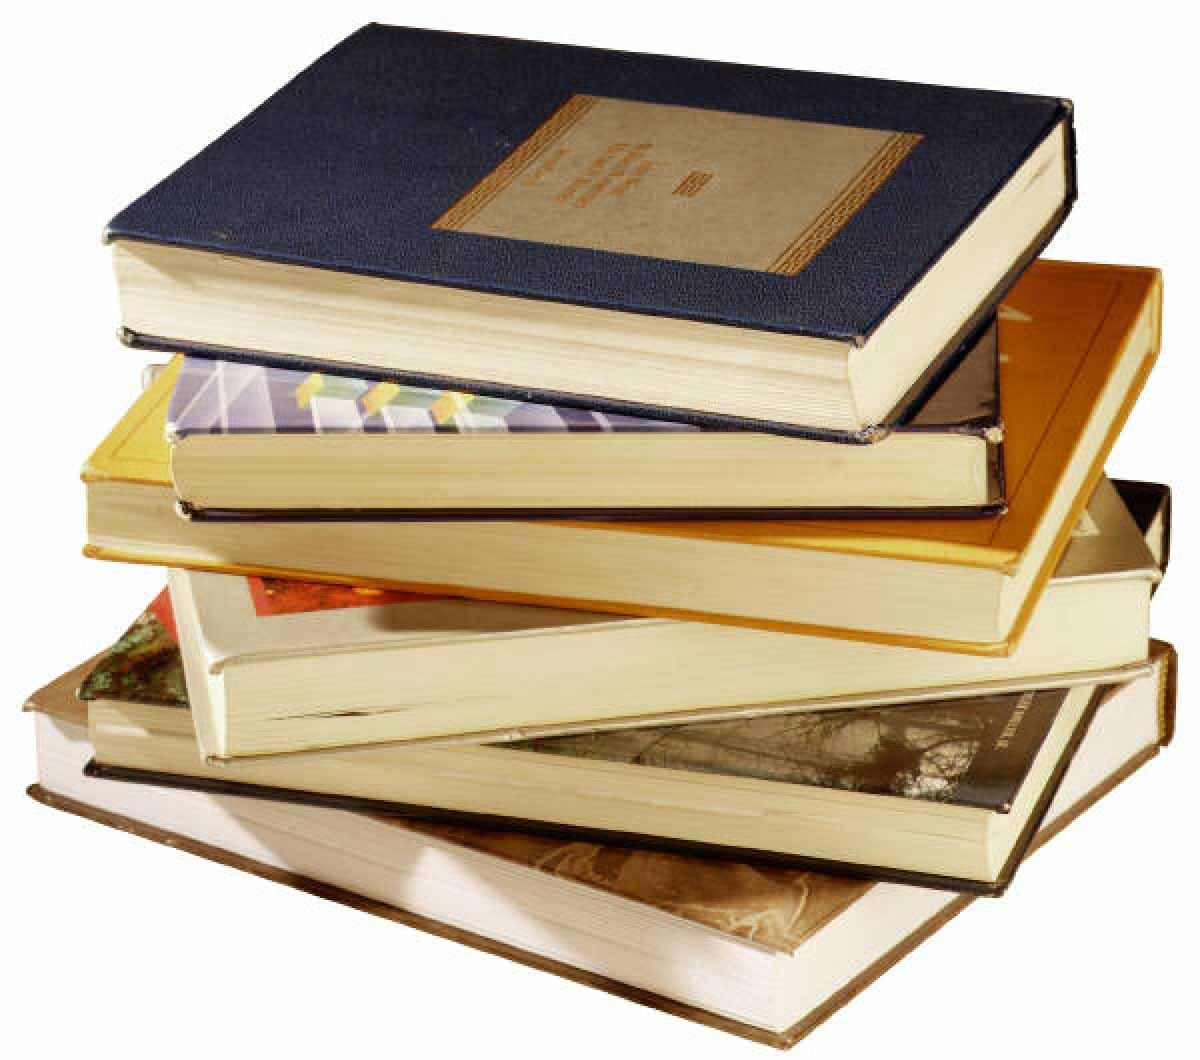 328984 morte dos livros impressos Como comprar livros usados online #784116 1200x1060